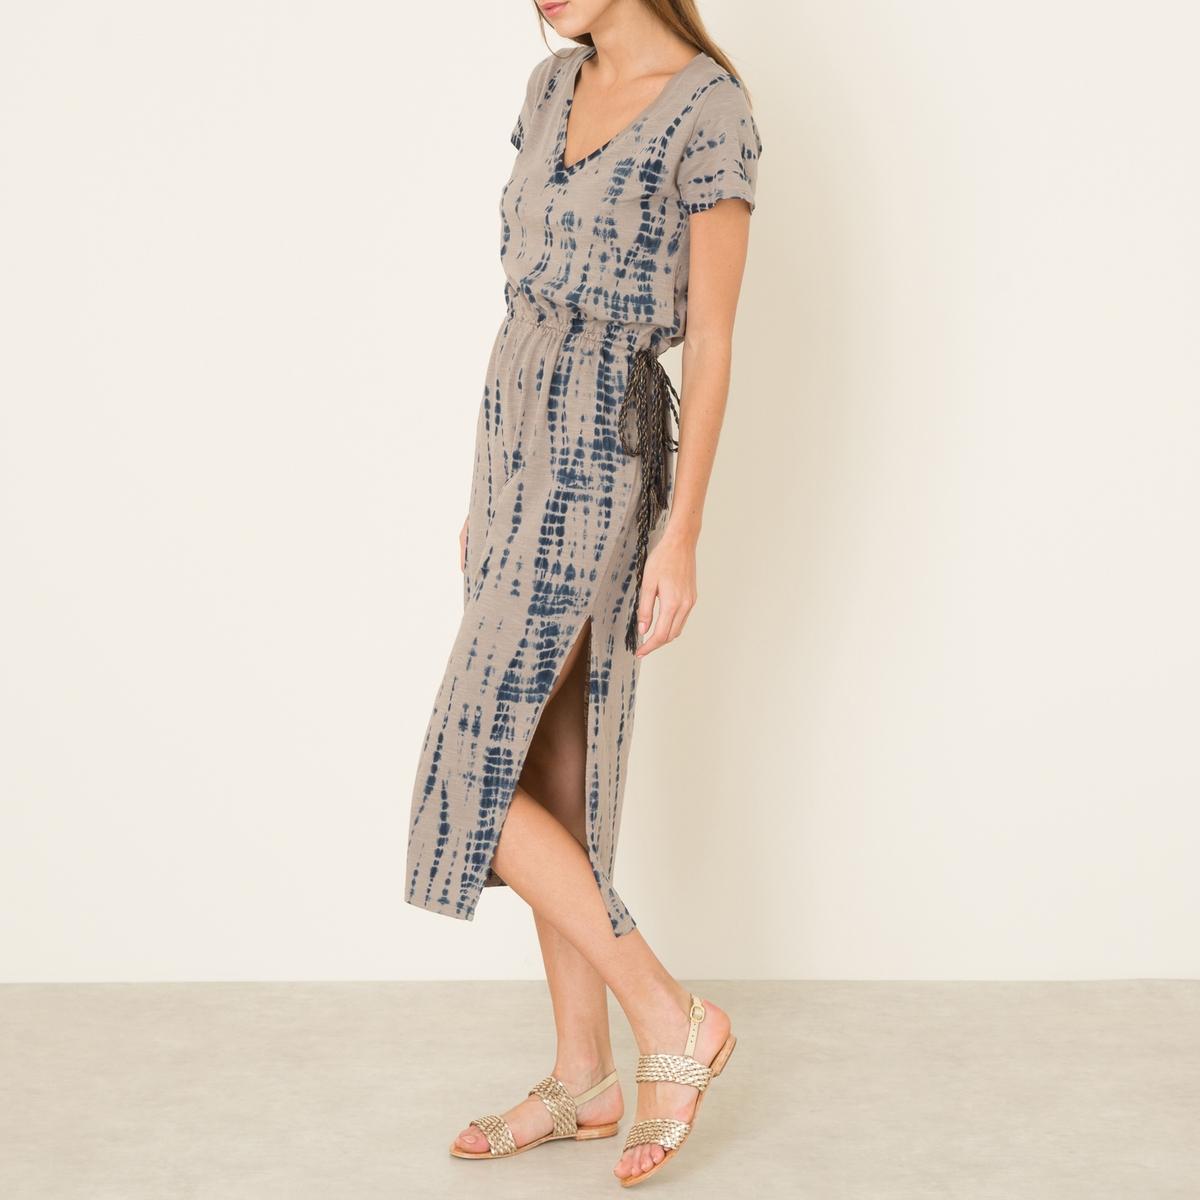 Платье RENATA SHIBORIСостав и описание    Материал: 100% органический хлопок   Длина: ок. 124 см. для размера 36   Марка: LEON AND HARPER<br><br>Цвет: синий<br>Размер: XS